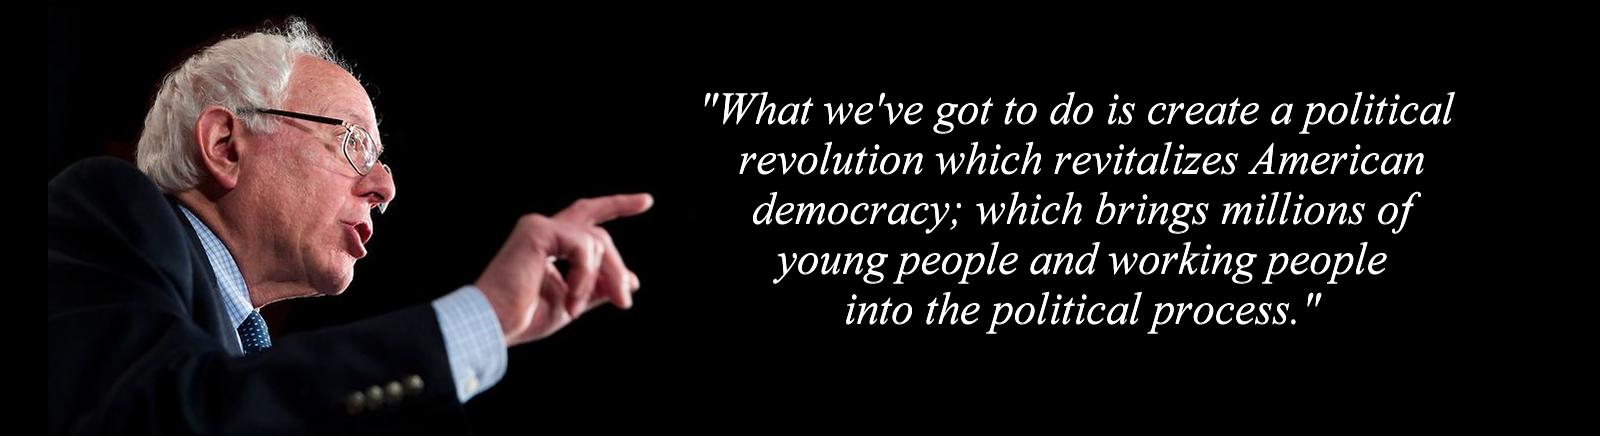 Bernie Sanders_American Democracy